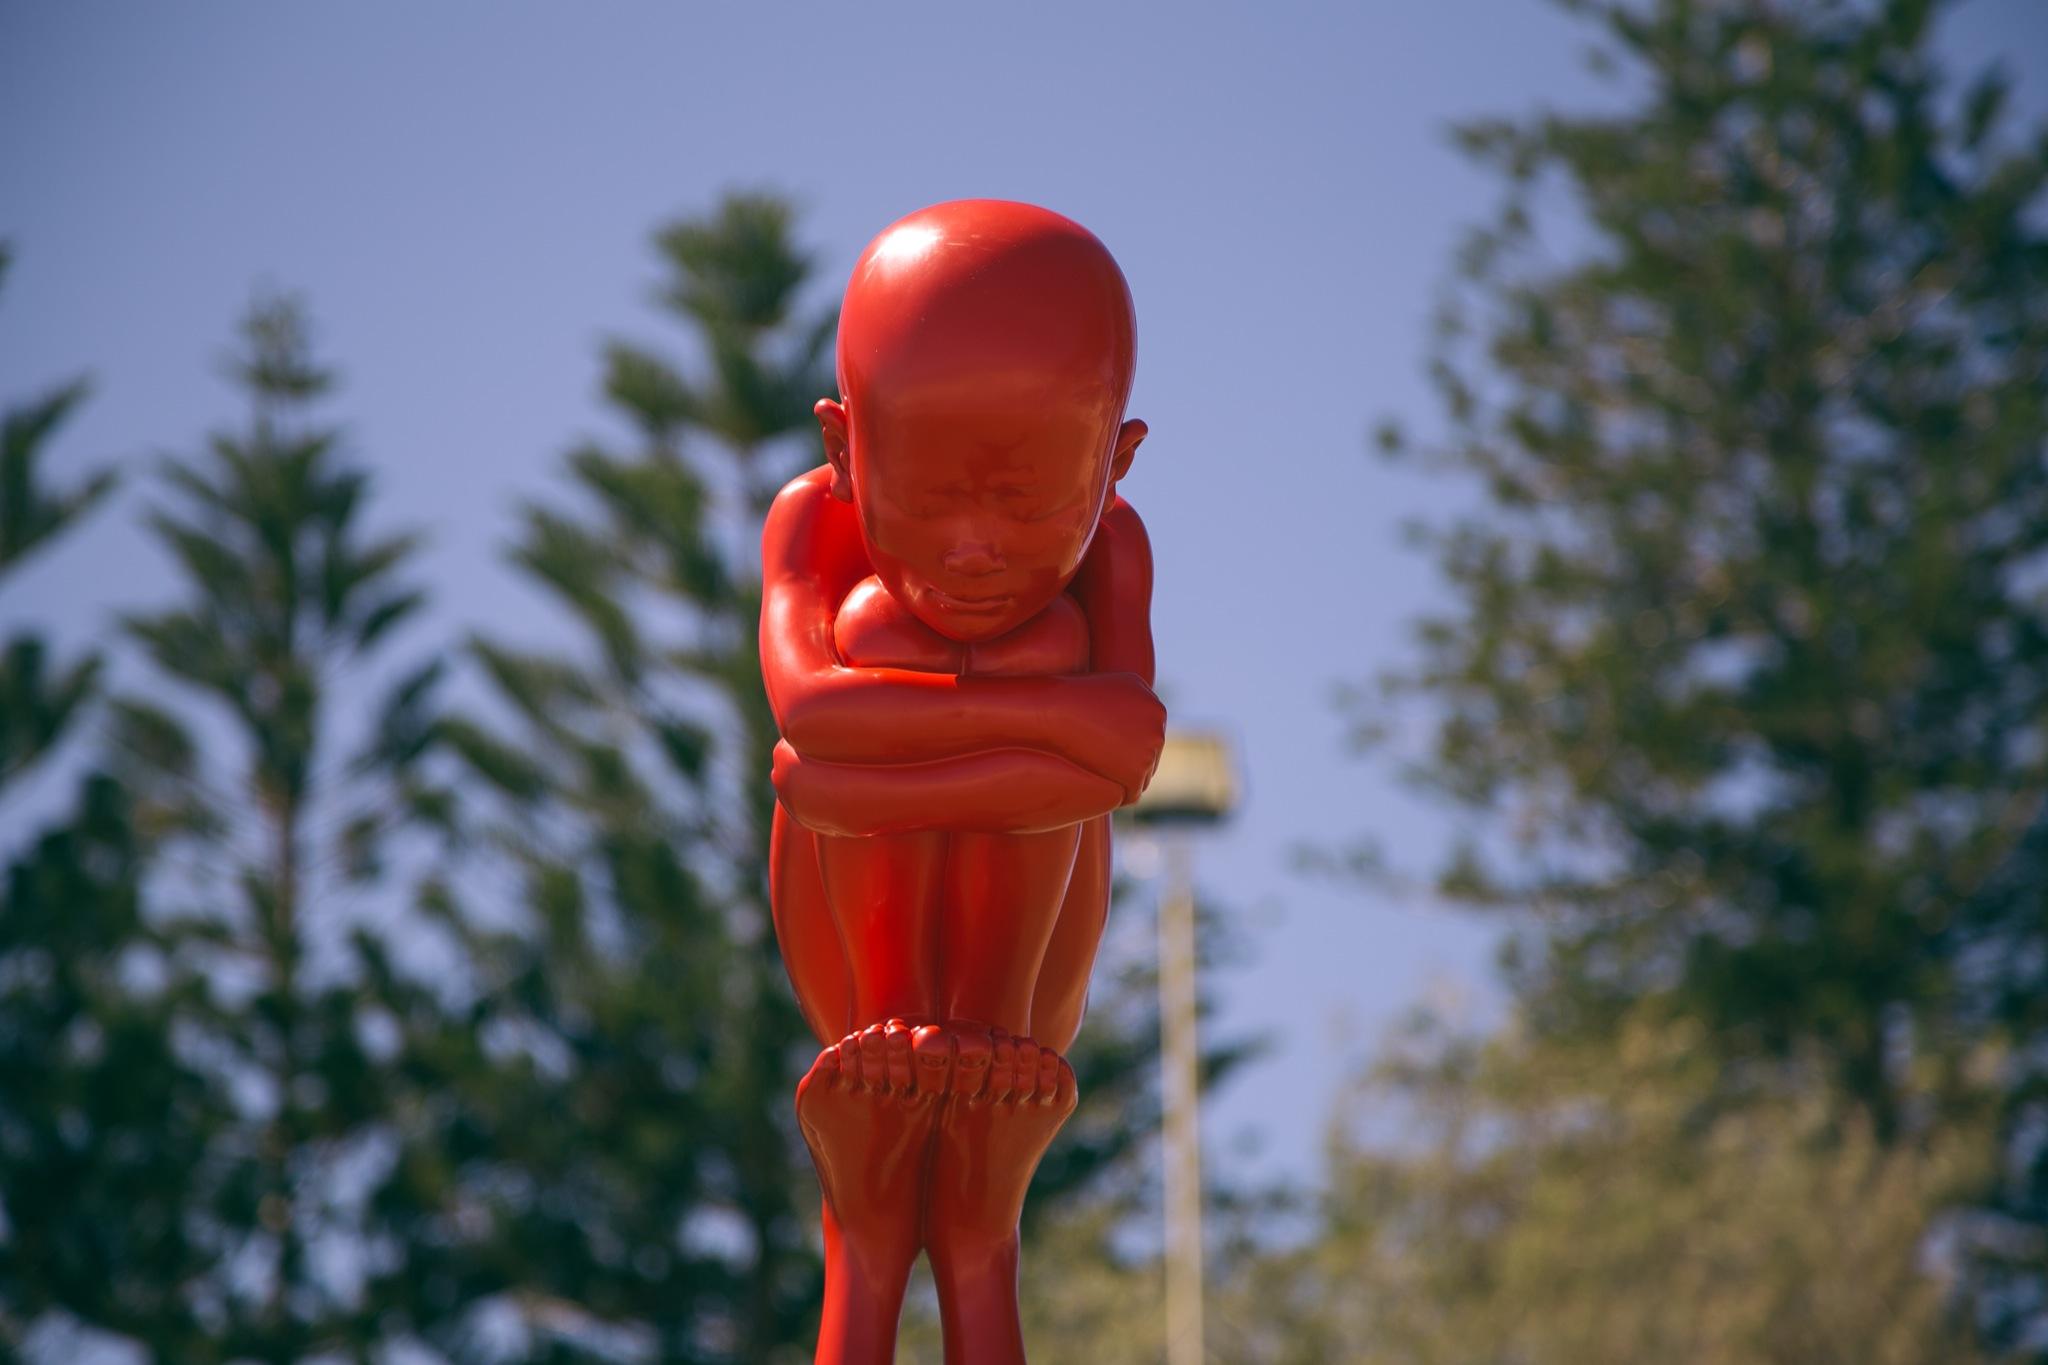 sculpturebythesea-22.jpg